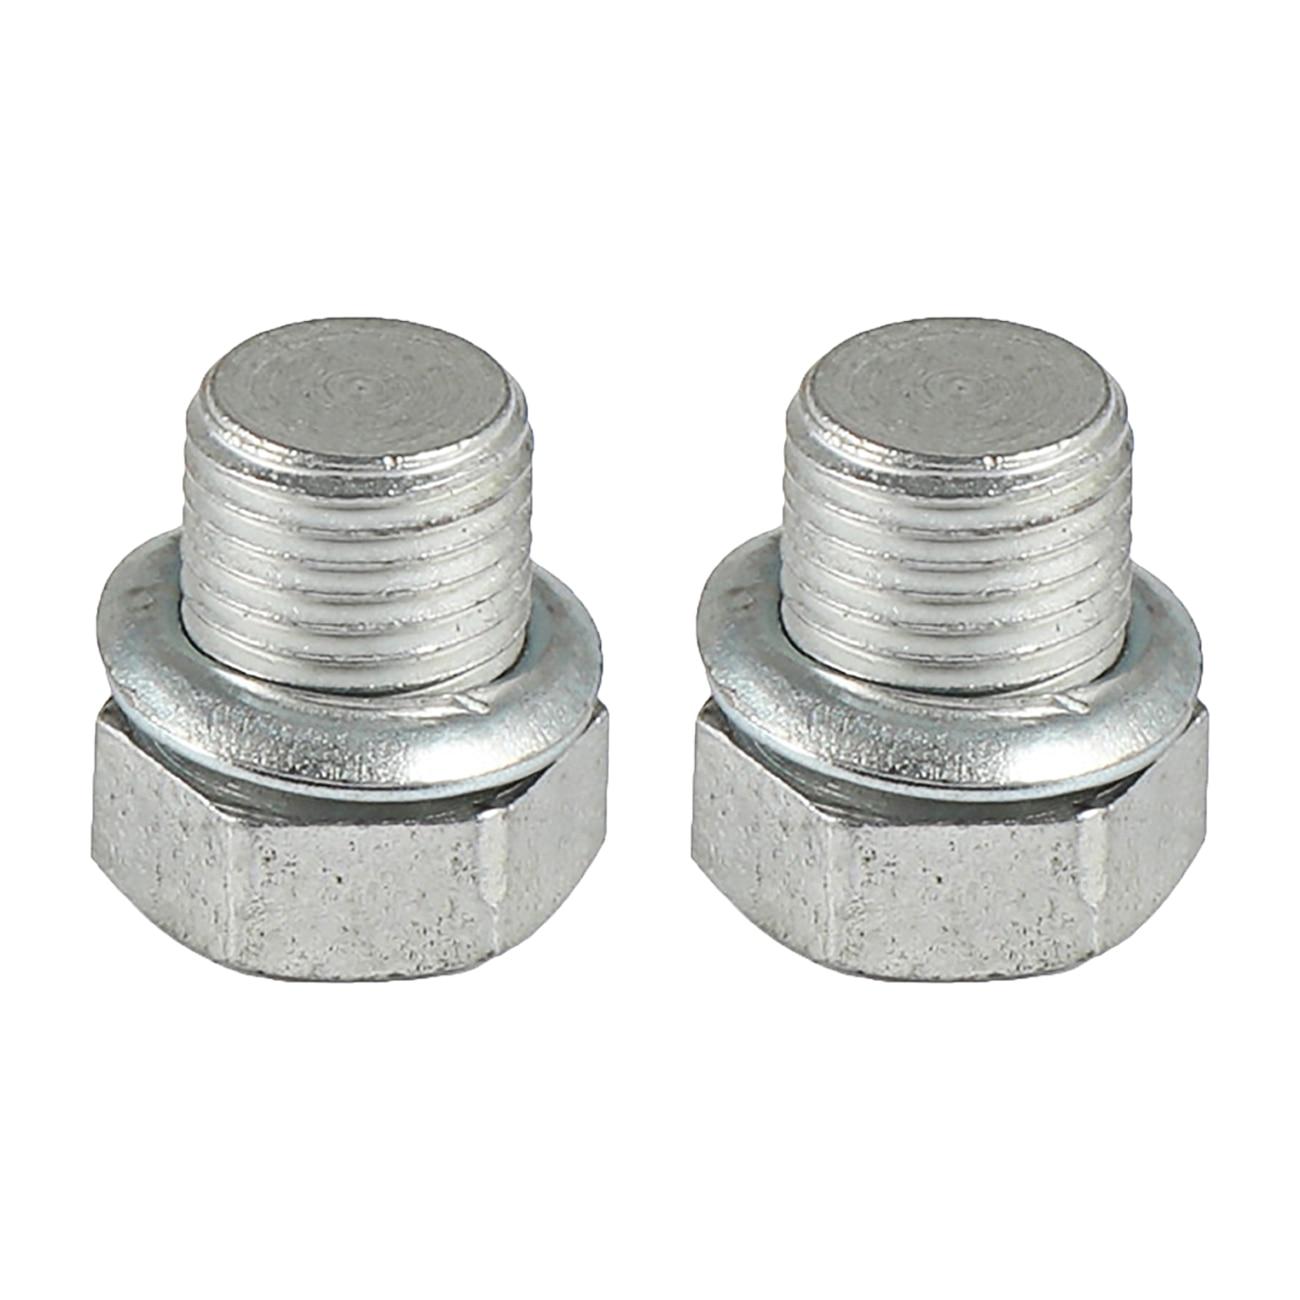 Декомпрессионная заглушка клапана для бензопилы Husqvarna 51 55 357XP 394 395 455 460 570